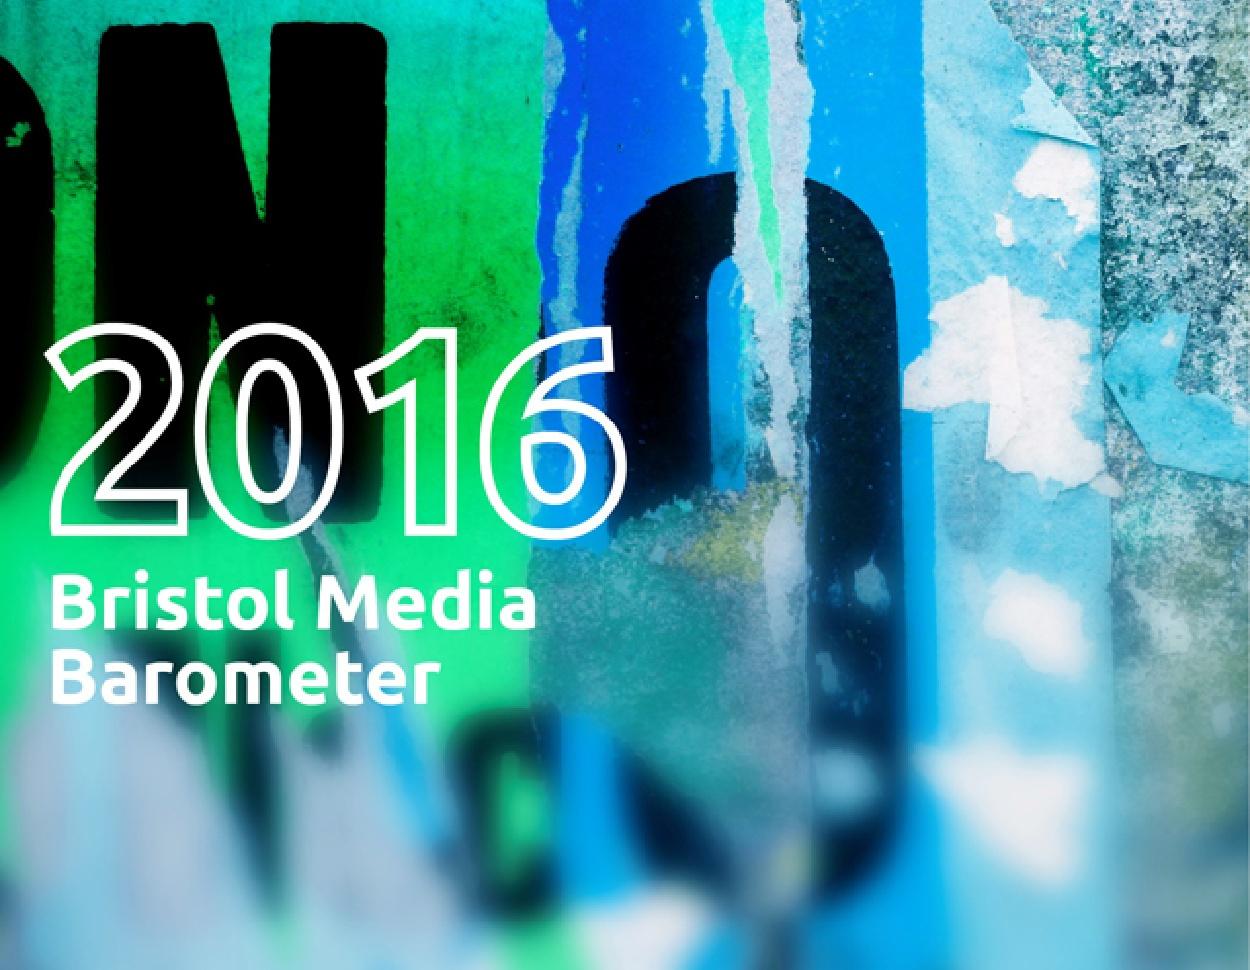 Bristol Media Barometer 2016